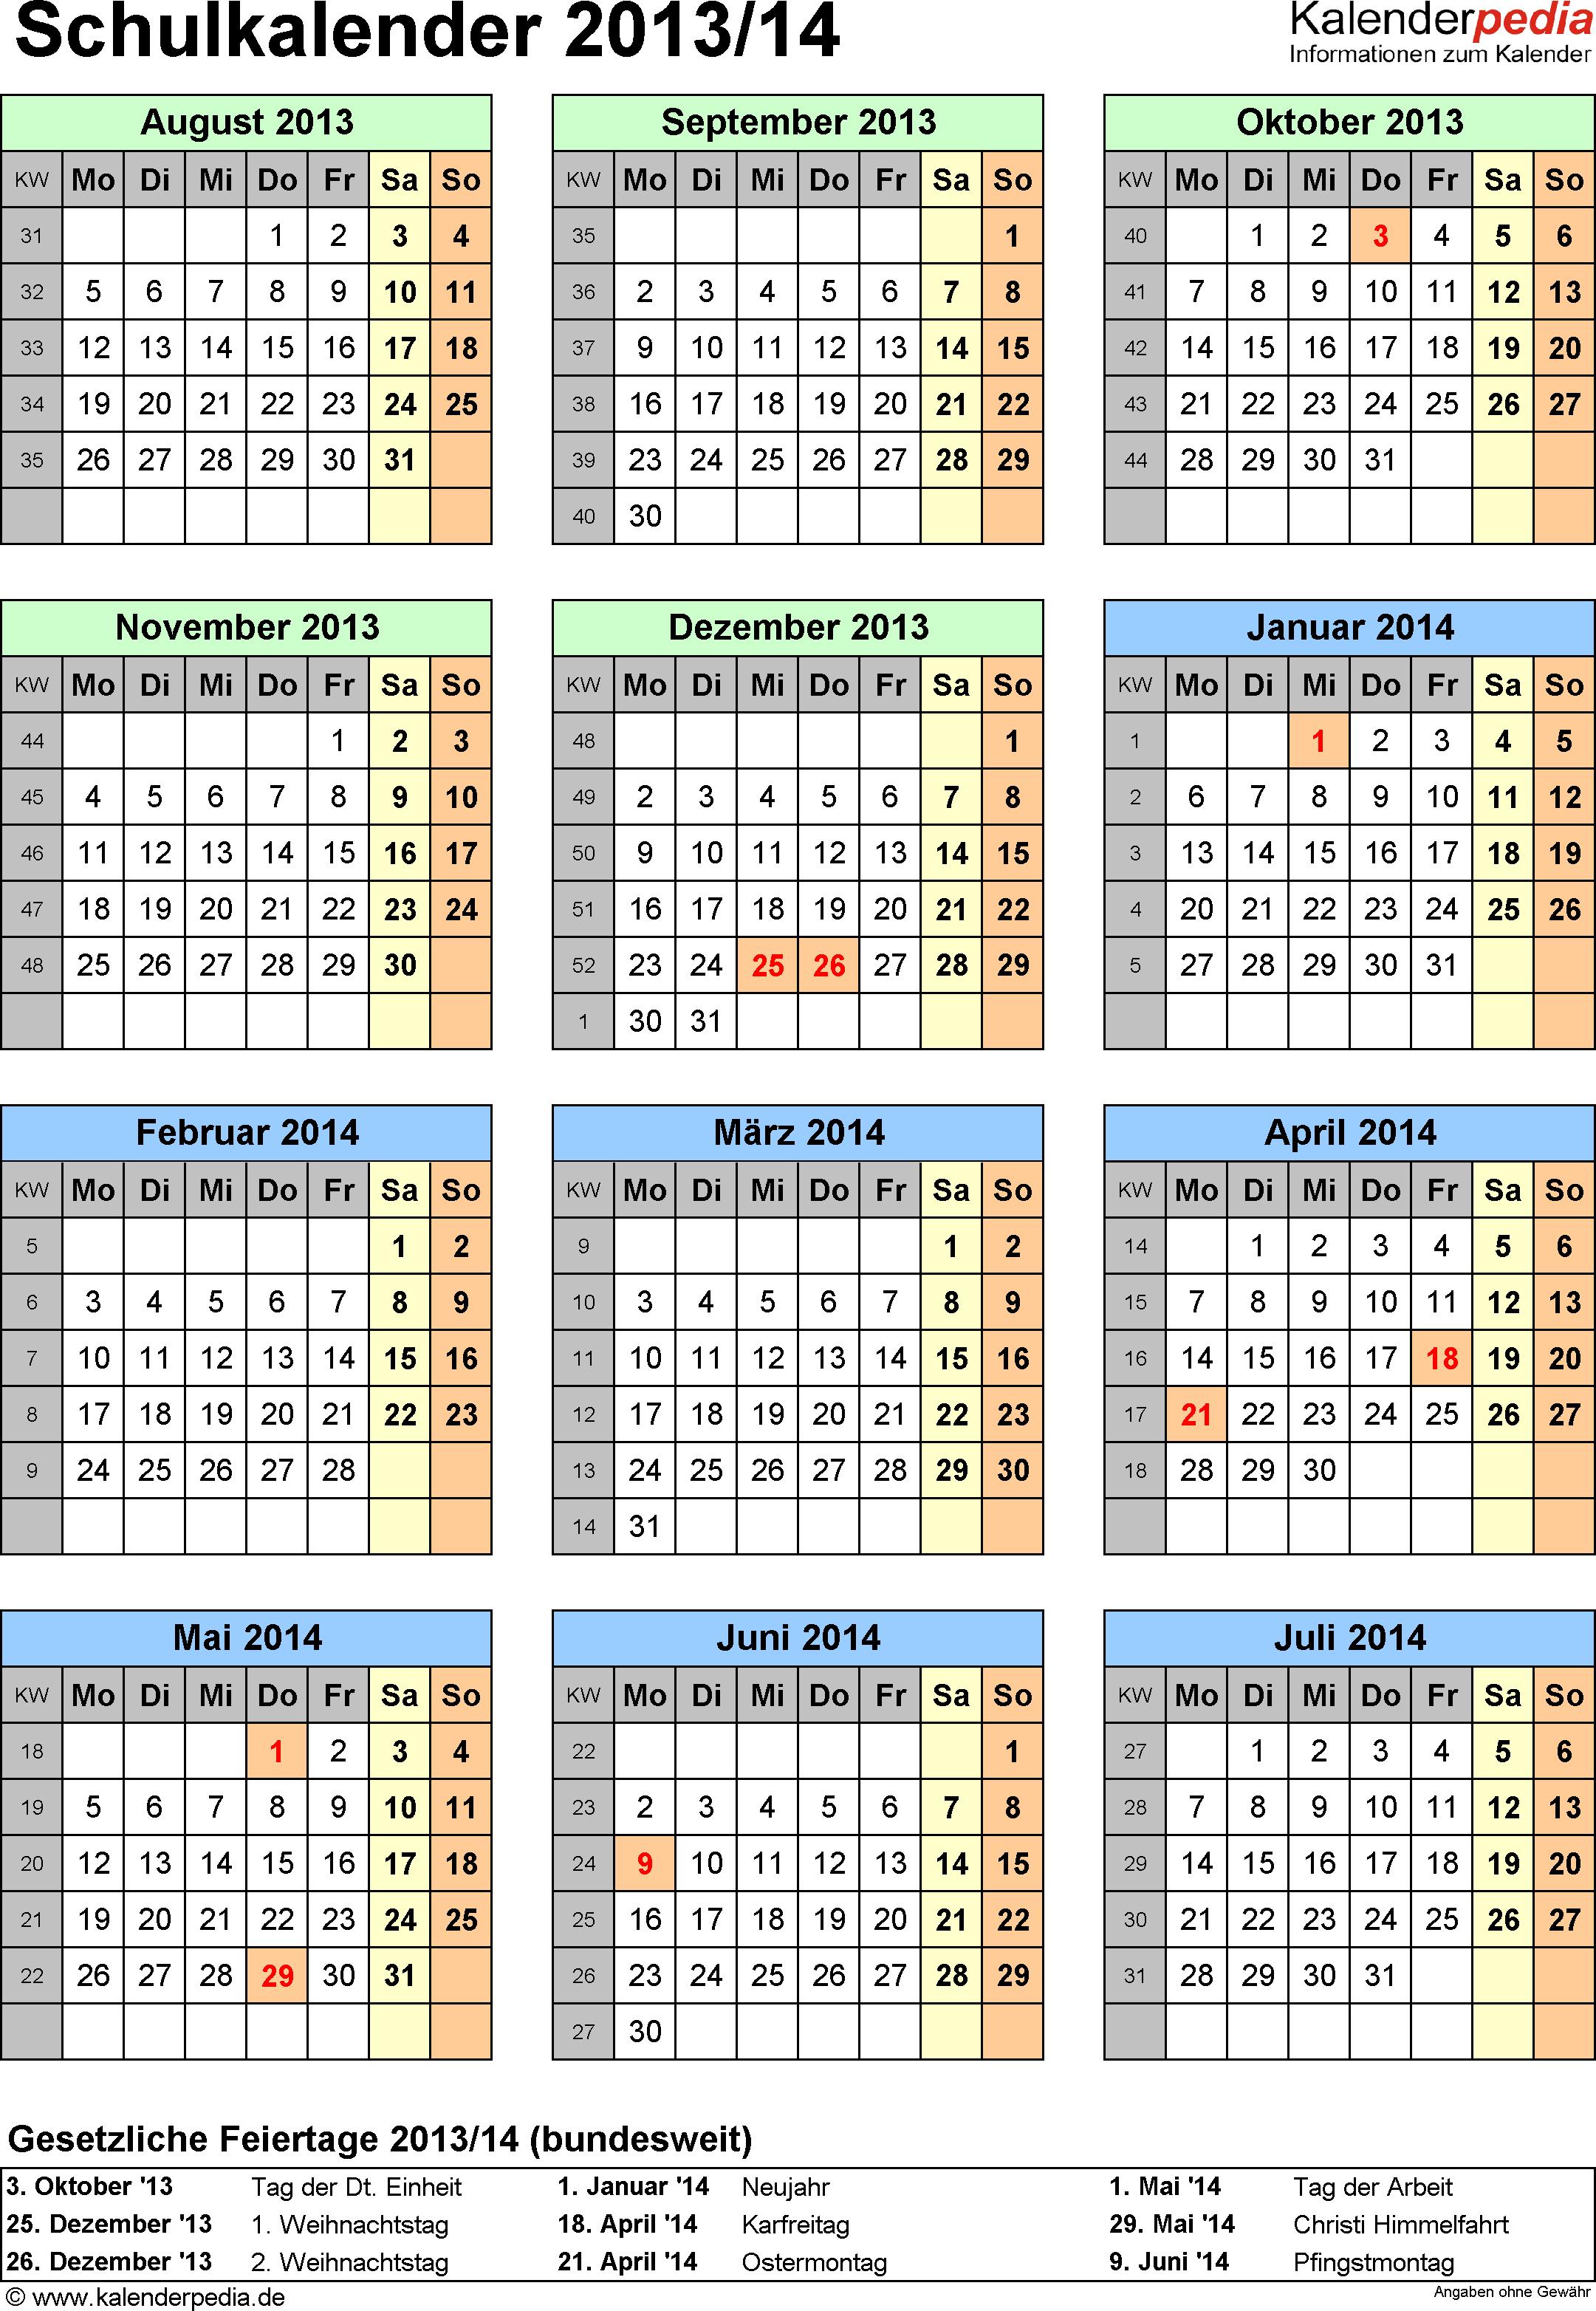 Vorlage 6: Schuljahreskalender 2013/2014 im Hochformat, Jahresübersicht